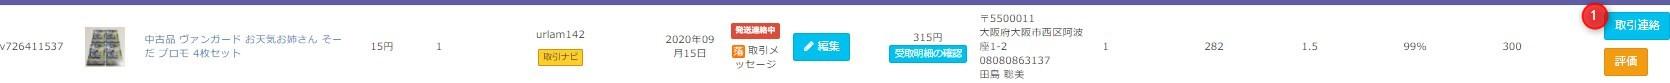 2020 09 15 04h13 12 【TOOL】取引中止ボタン・落札者の削除ボタンの使い方